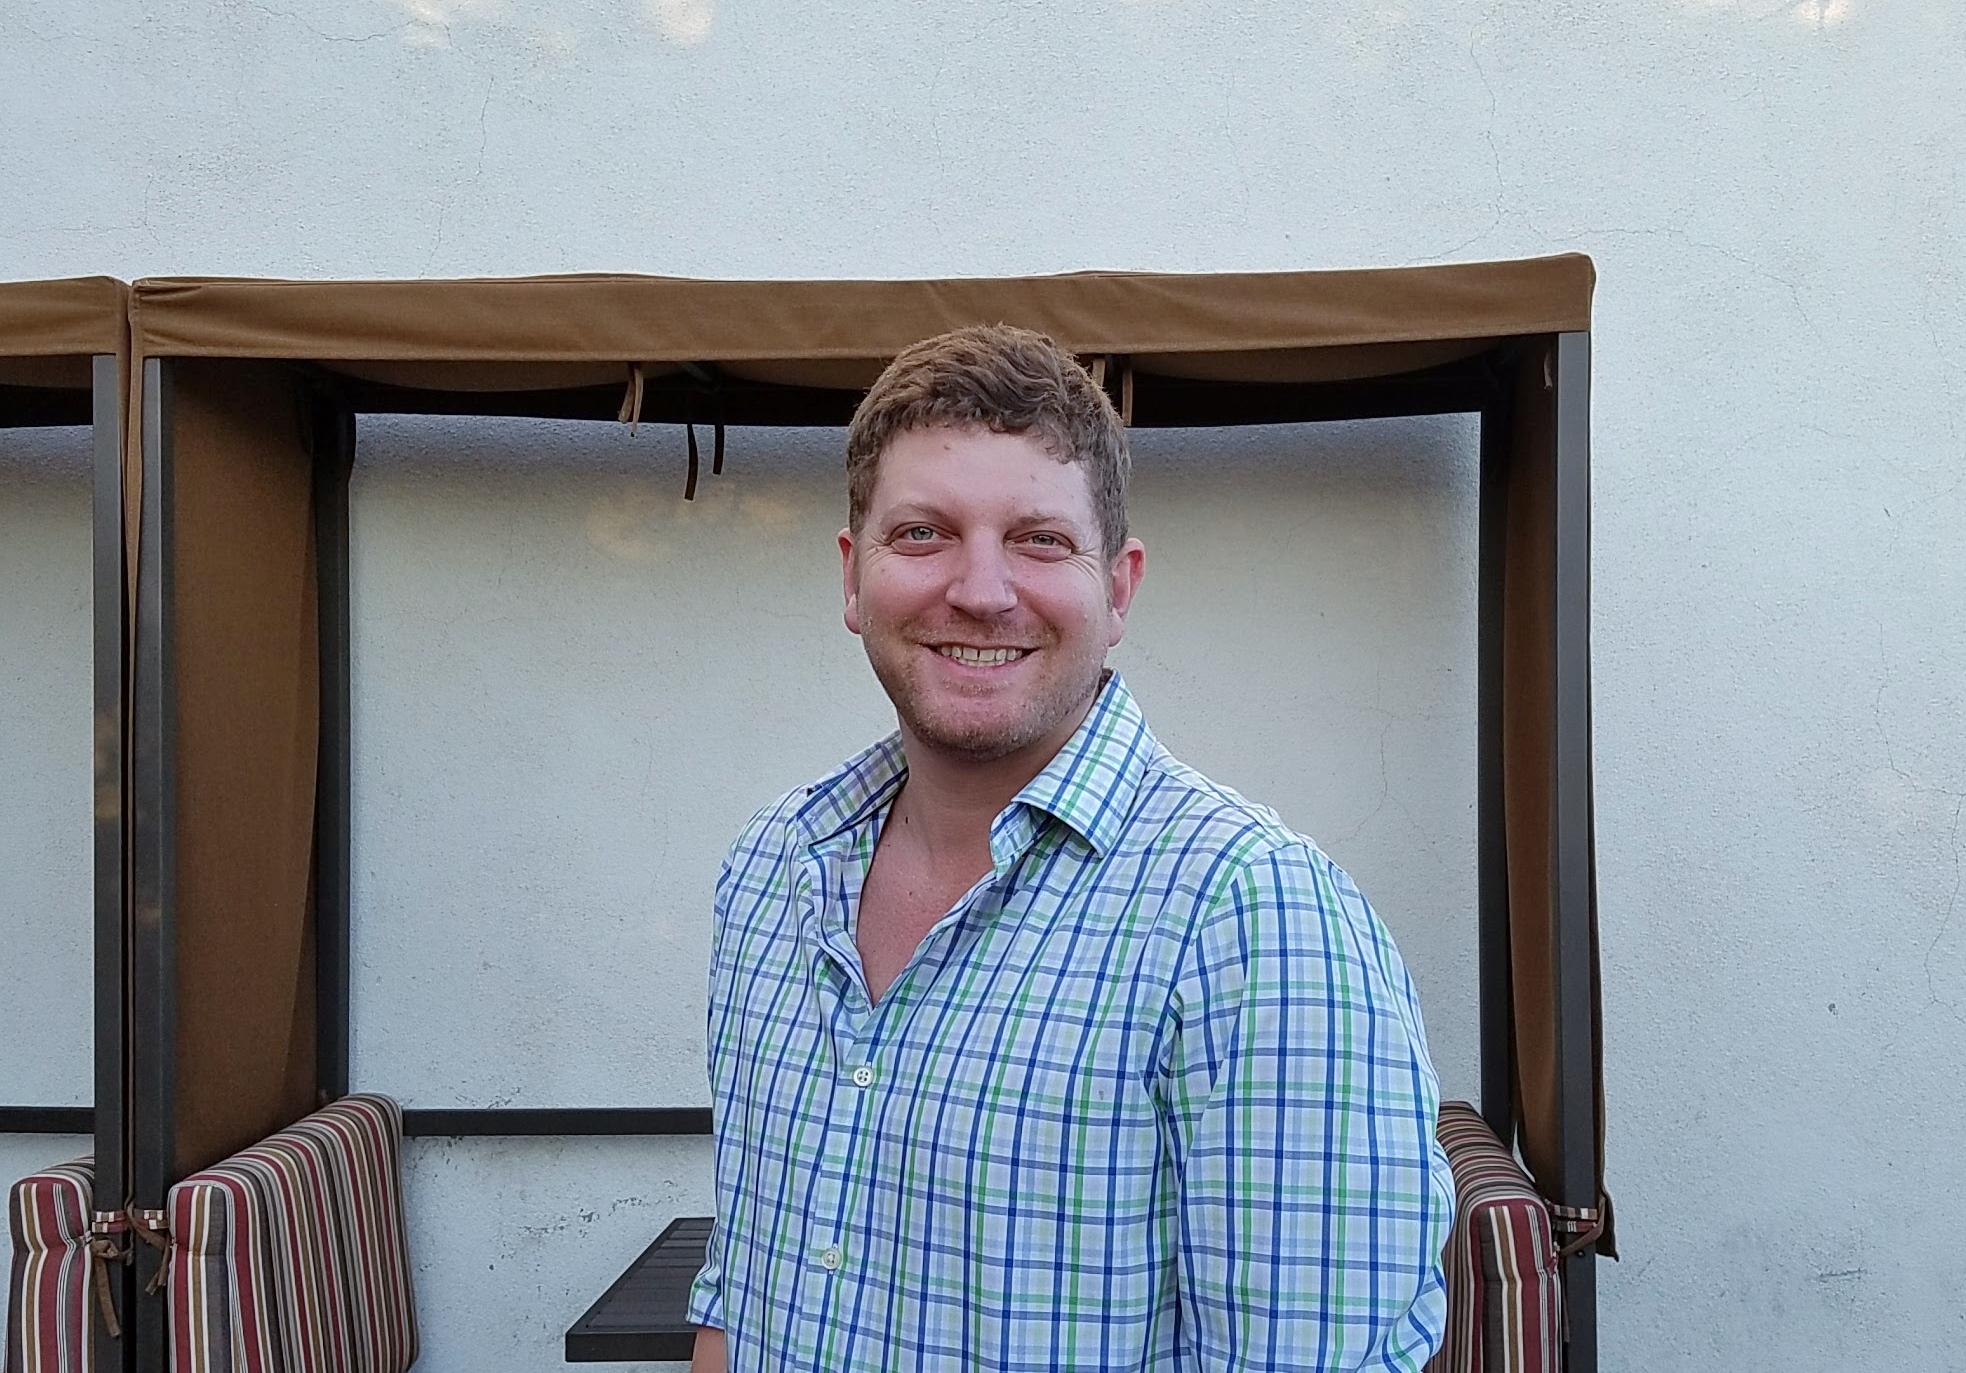 Owner Gavin Jacobs